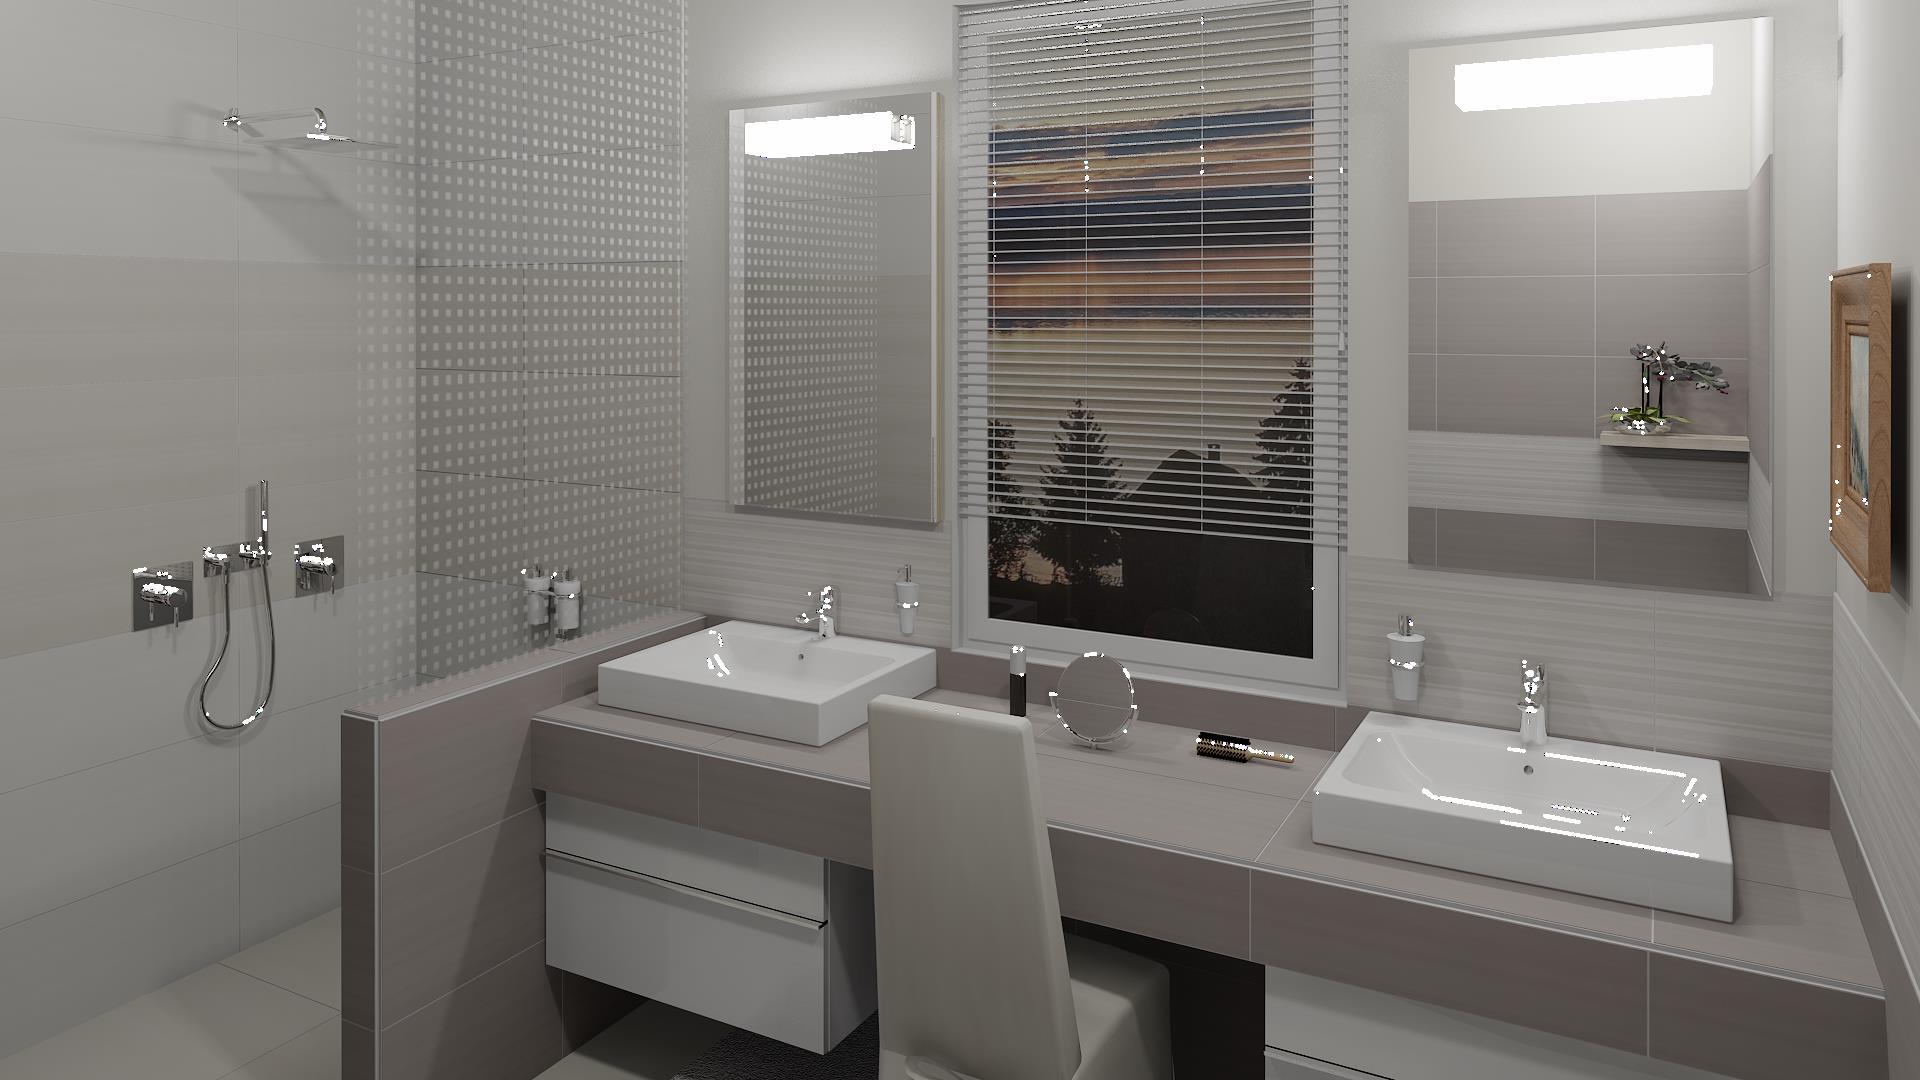 des w bathroom von sz p otthon p pa auf dem visoft360 portal. Black Bedroom Furniture Sets. Home Design Ideas